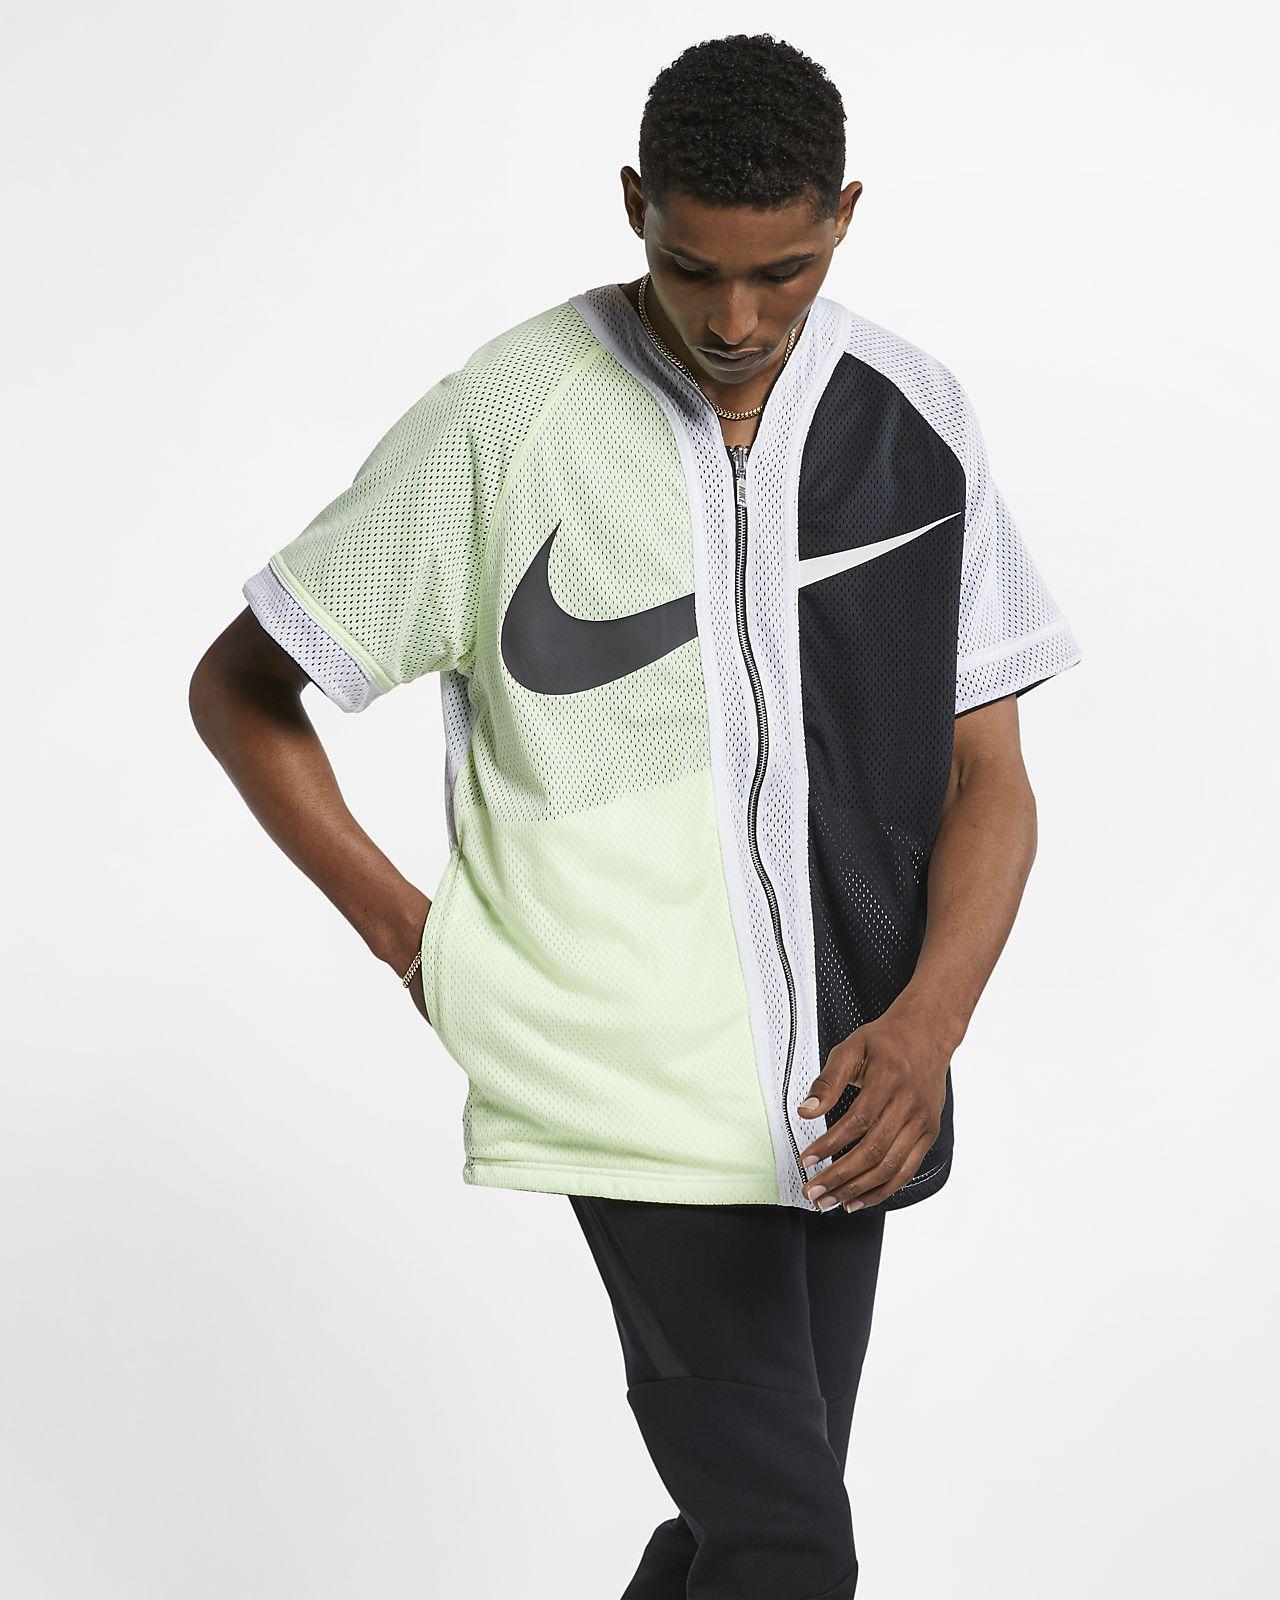 Basebolltröja NikeLab Collection för män